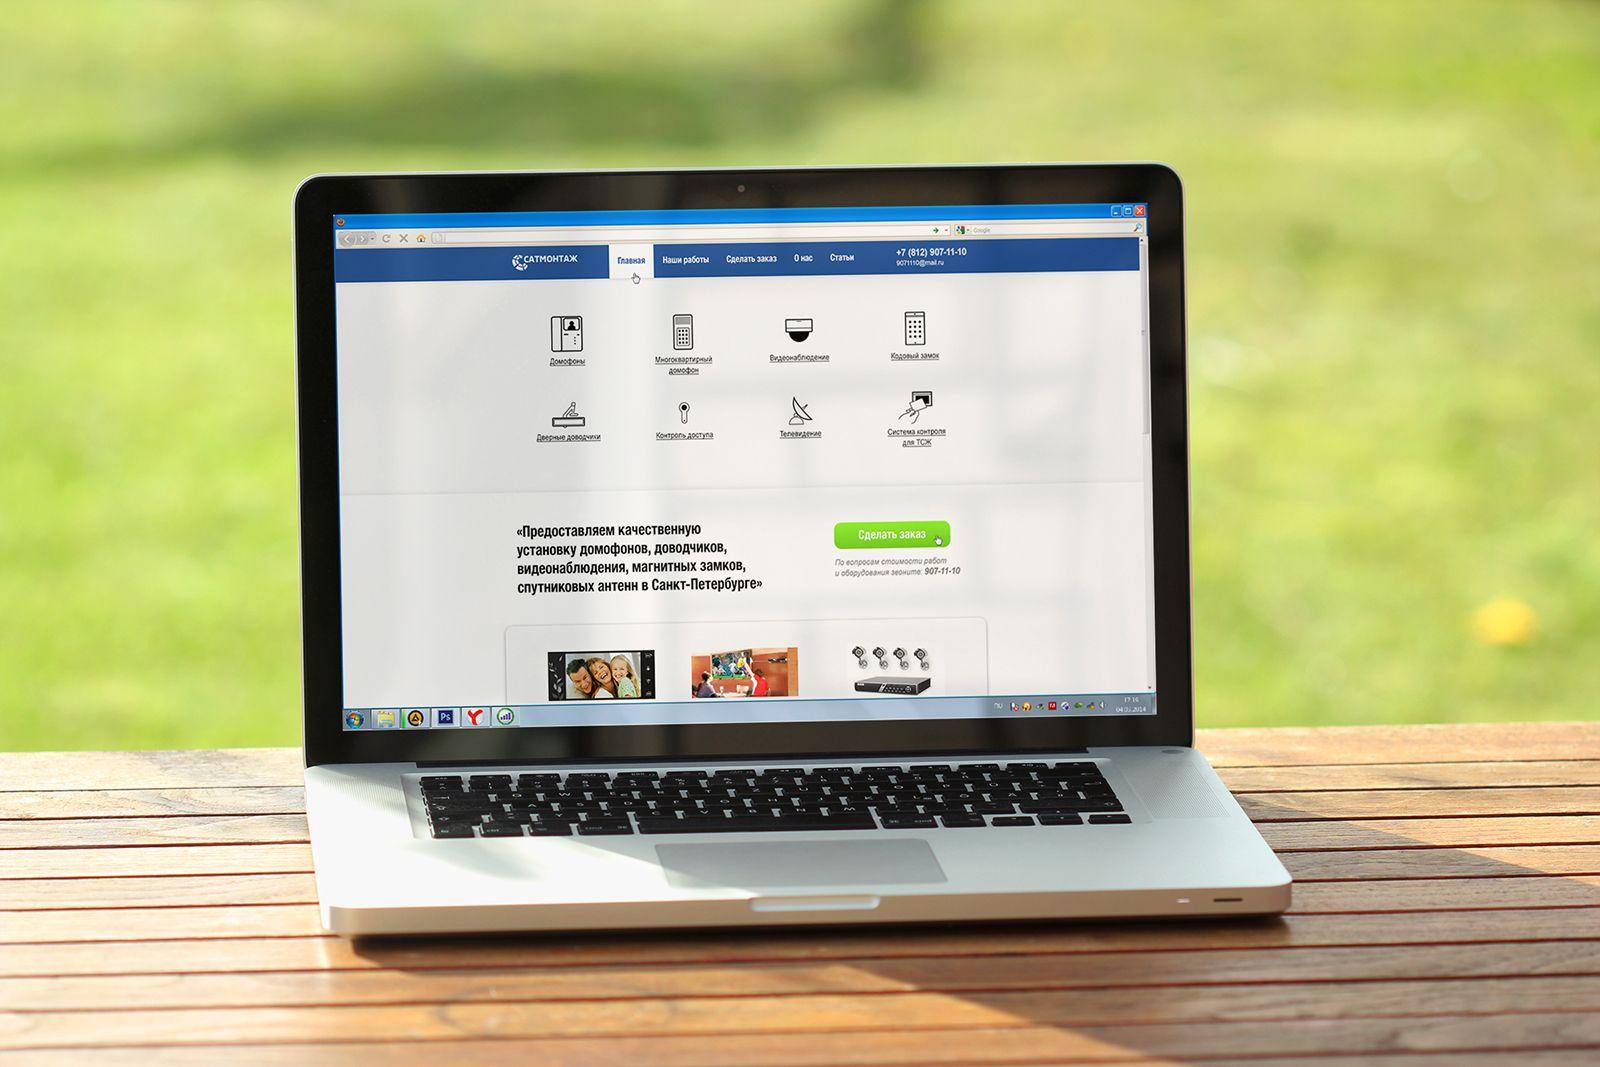 Дизайн (редизайн) существующего сайта - дизайнер BeatNate